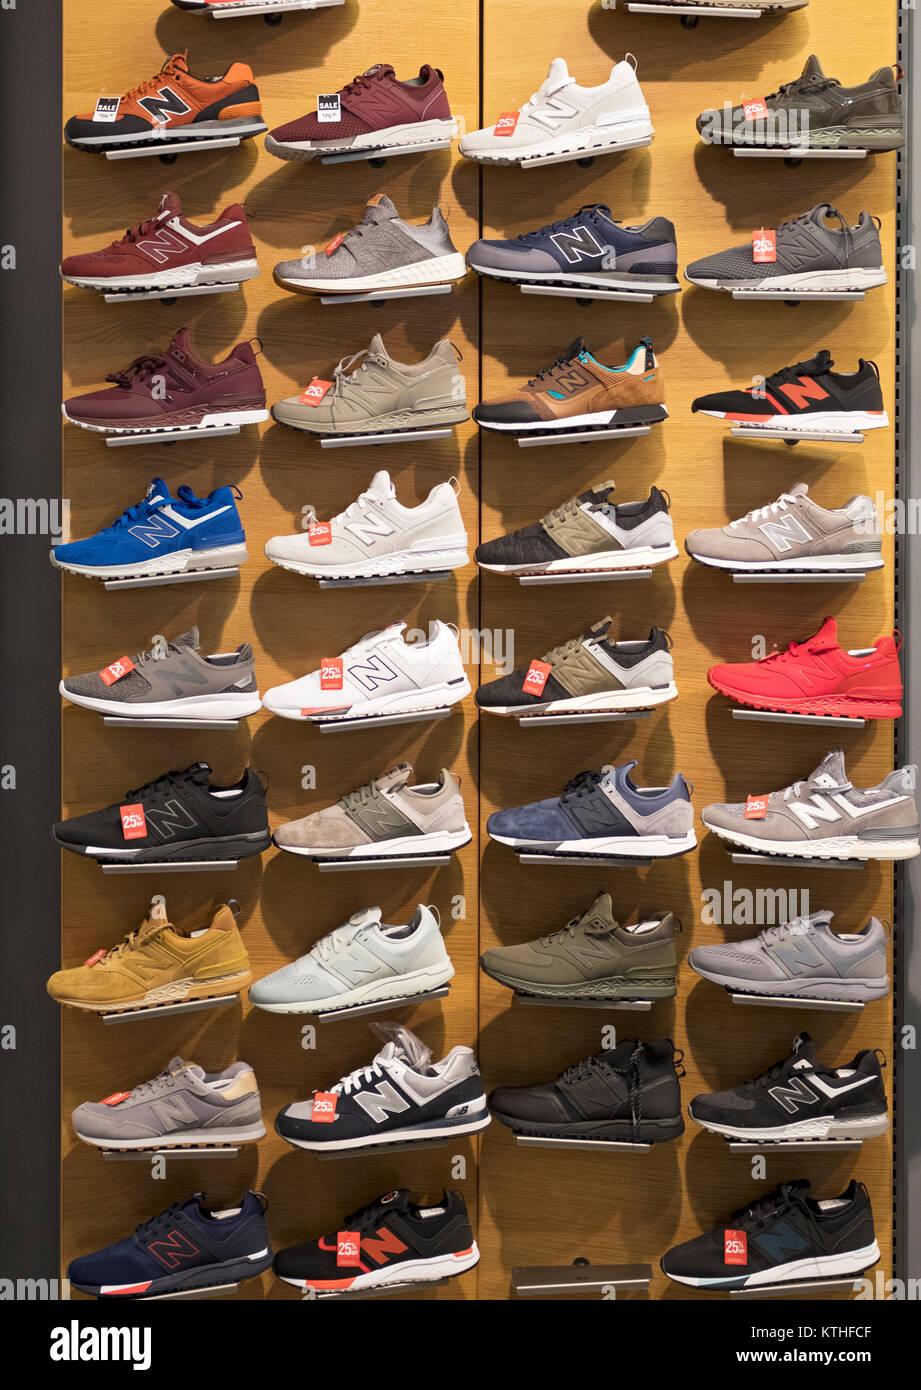 New Balance athletic display cassoncino di pulizia presso il negozio  Footaction nel Queens Center shopping mall c8511956c77